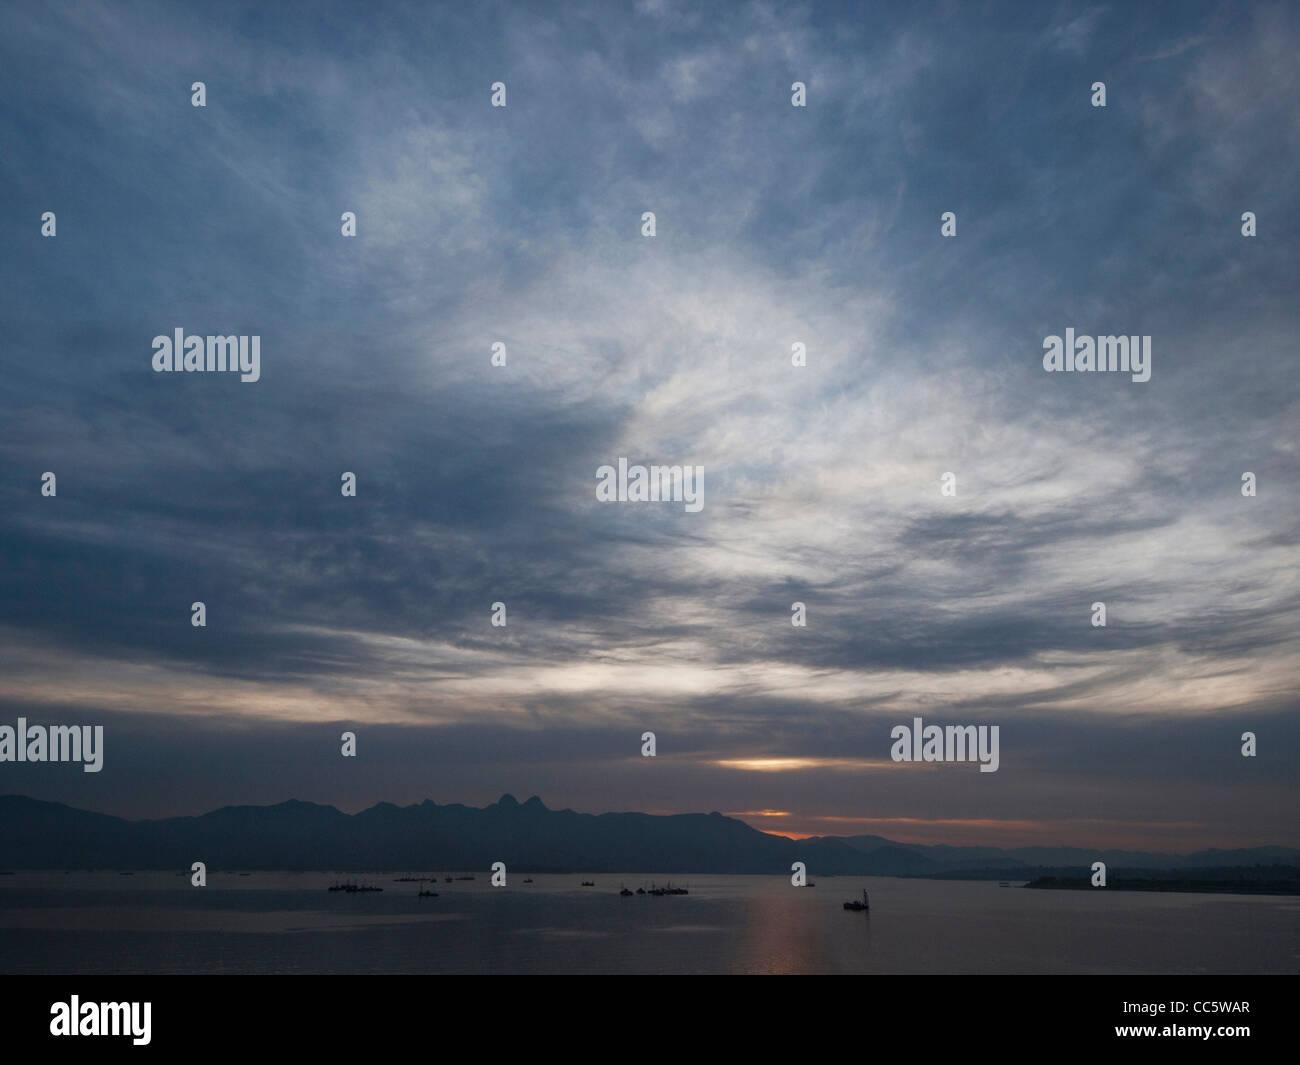 East China Sea, Qingdao, Shandong , China - Stock Image